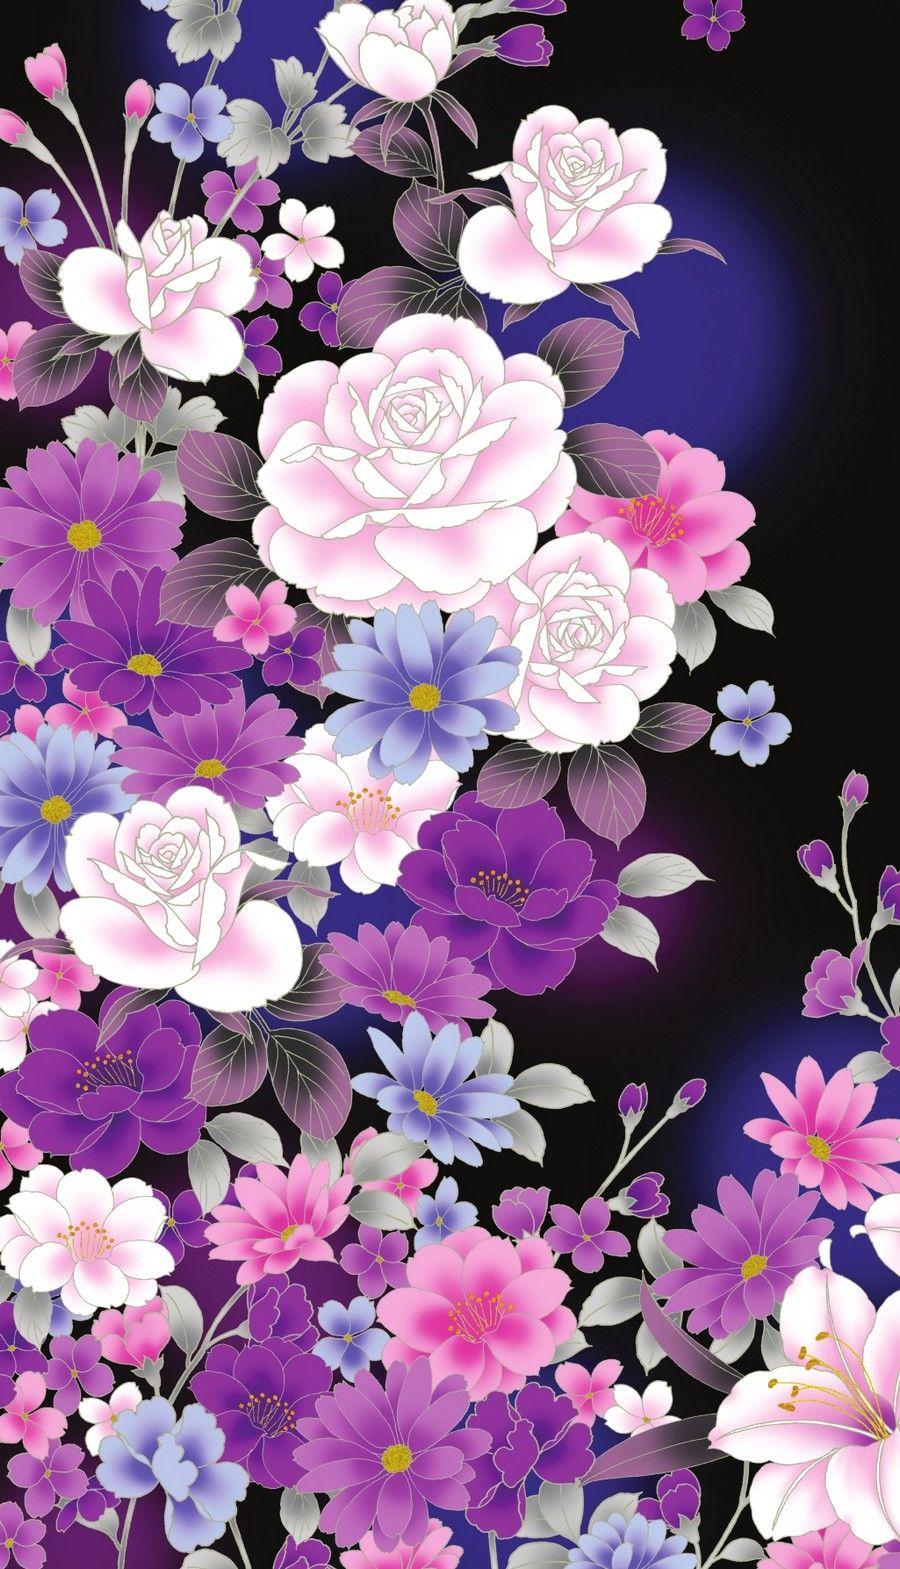 картинки для смартфона красивые цветы расскажет том, как